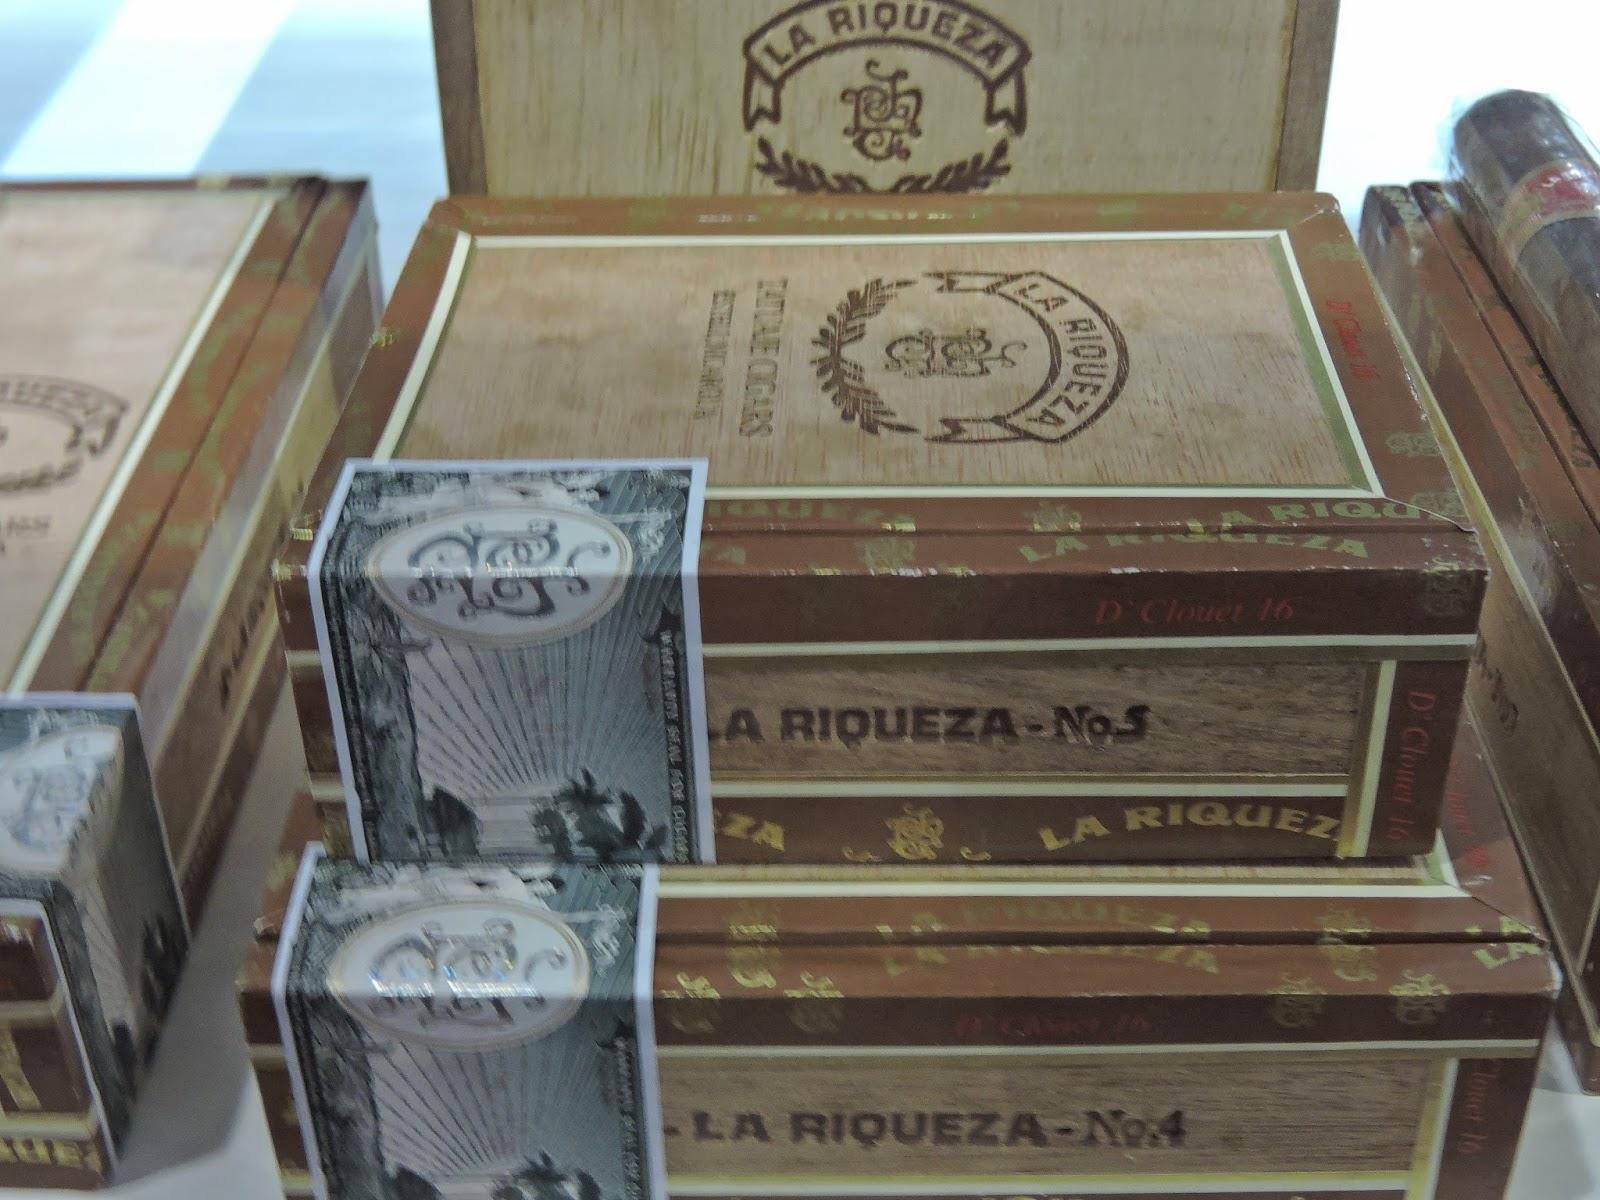 Cigar News: Tatuaje Expands La Riqueza; Adds 10 Count Boxes (Cigar Preview)